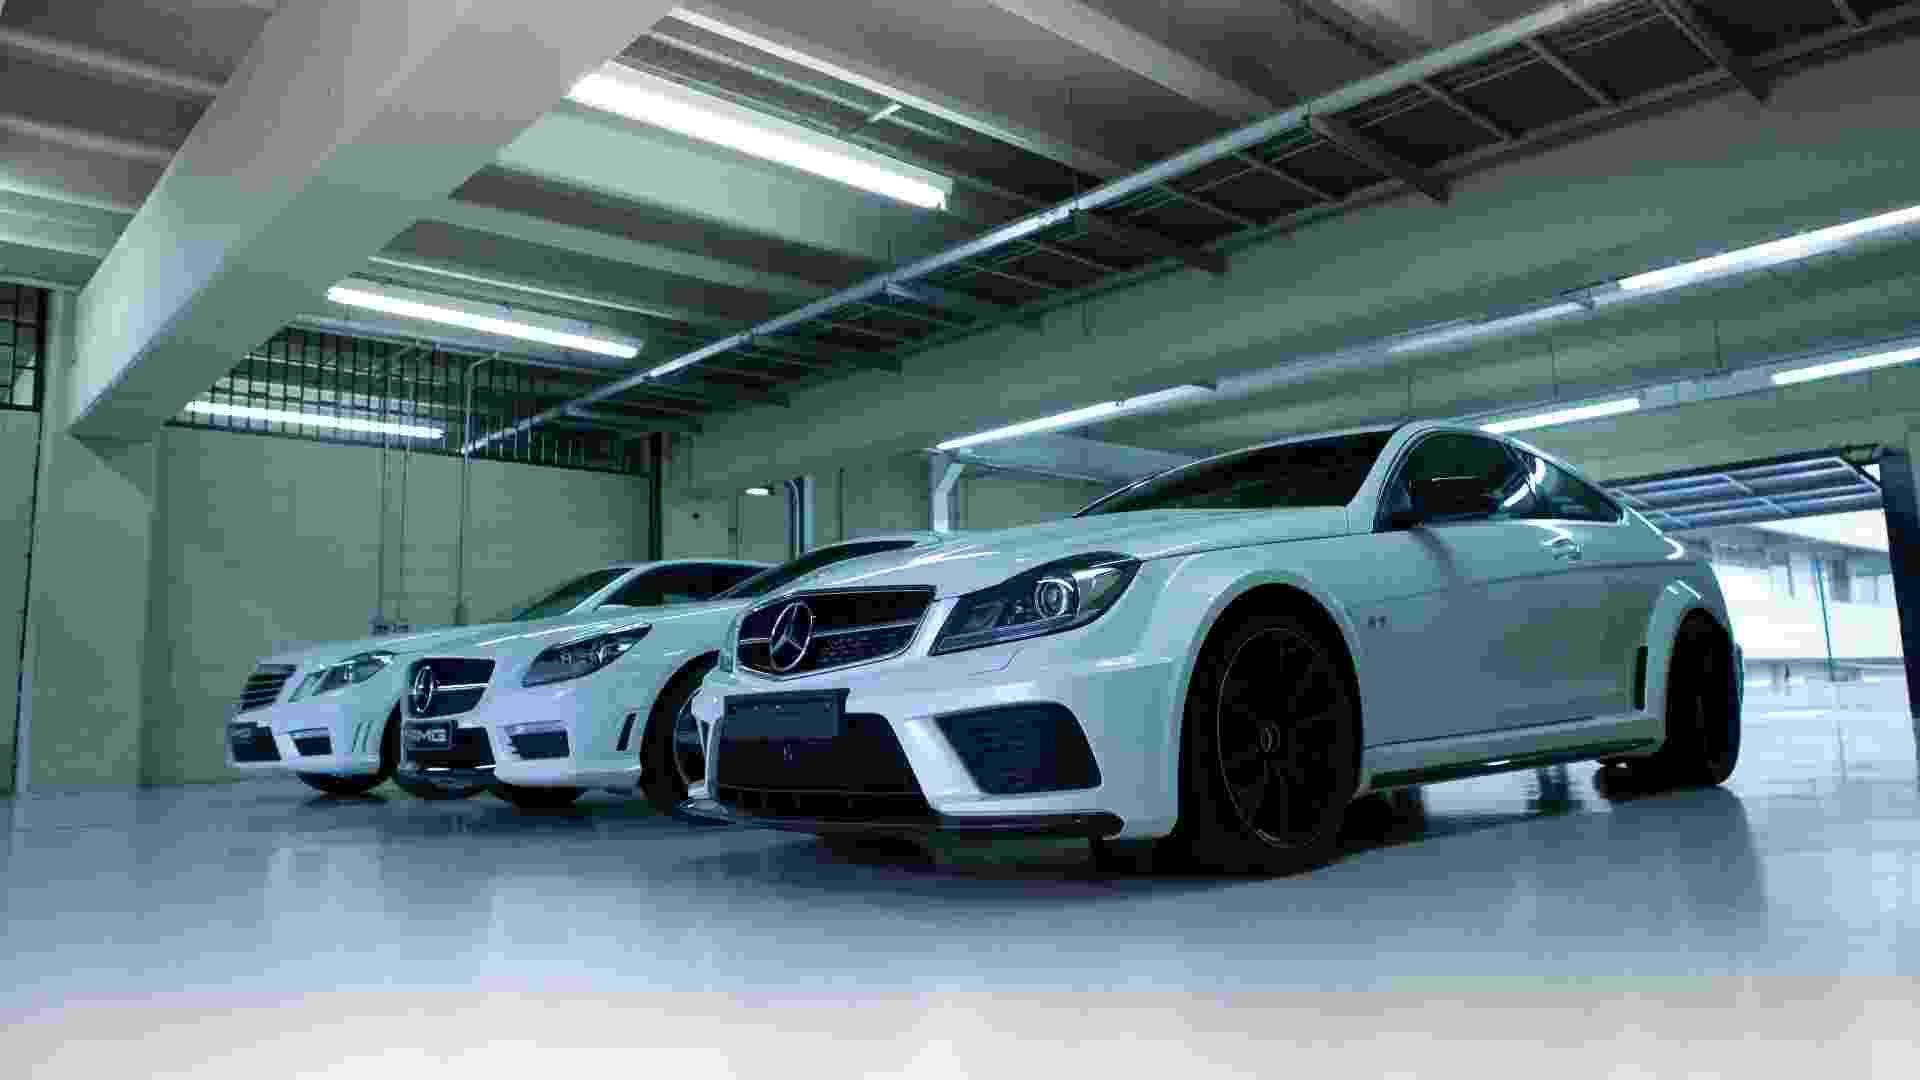 A Mercedes-Benz organizou em 26/6/2012 um encontro no autódromo de Interlagos para comemorar os 45 anos da AMG, divisão esportiva que hoje é parte do grupo Mercedes e desenvolve produtos autonomamente; em 2011, 20 mil carros com essa grife foram emplacados no mundo - Divulgação